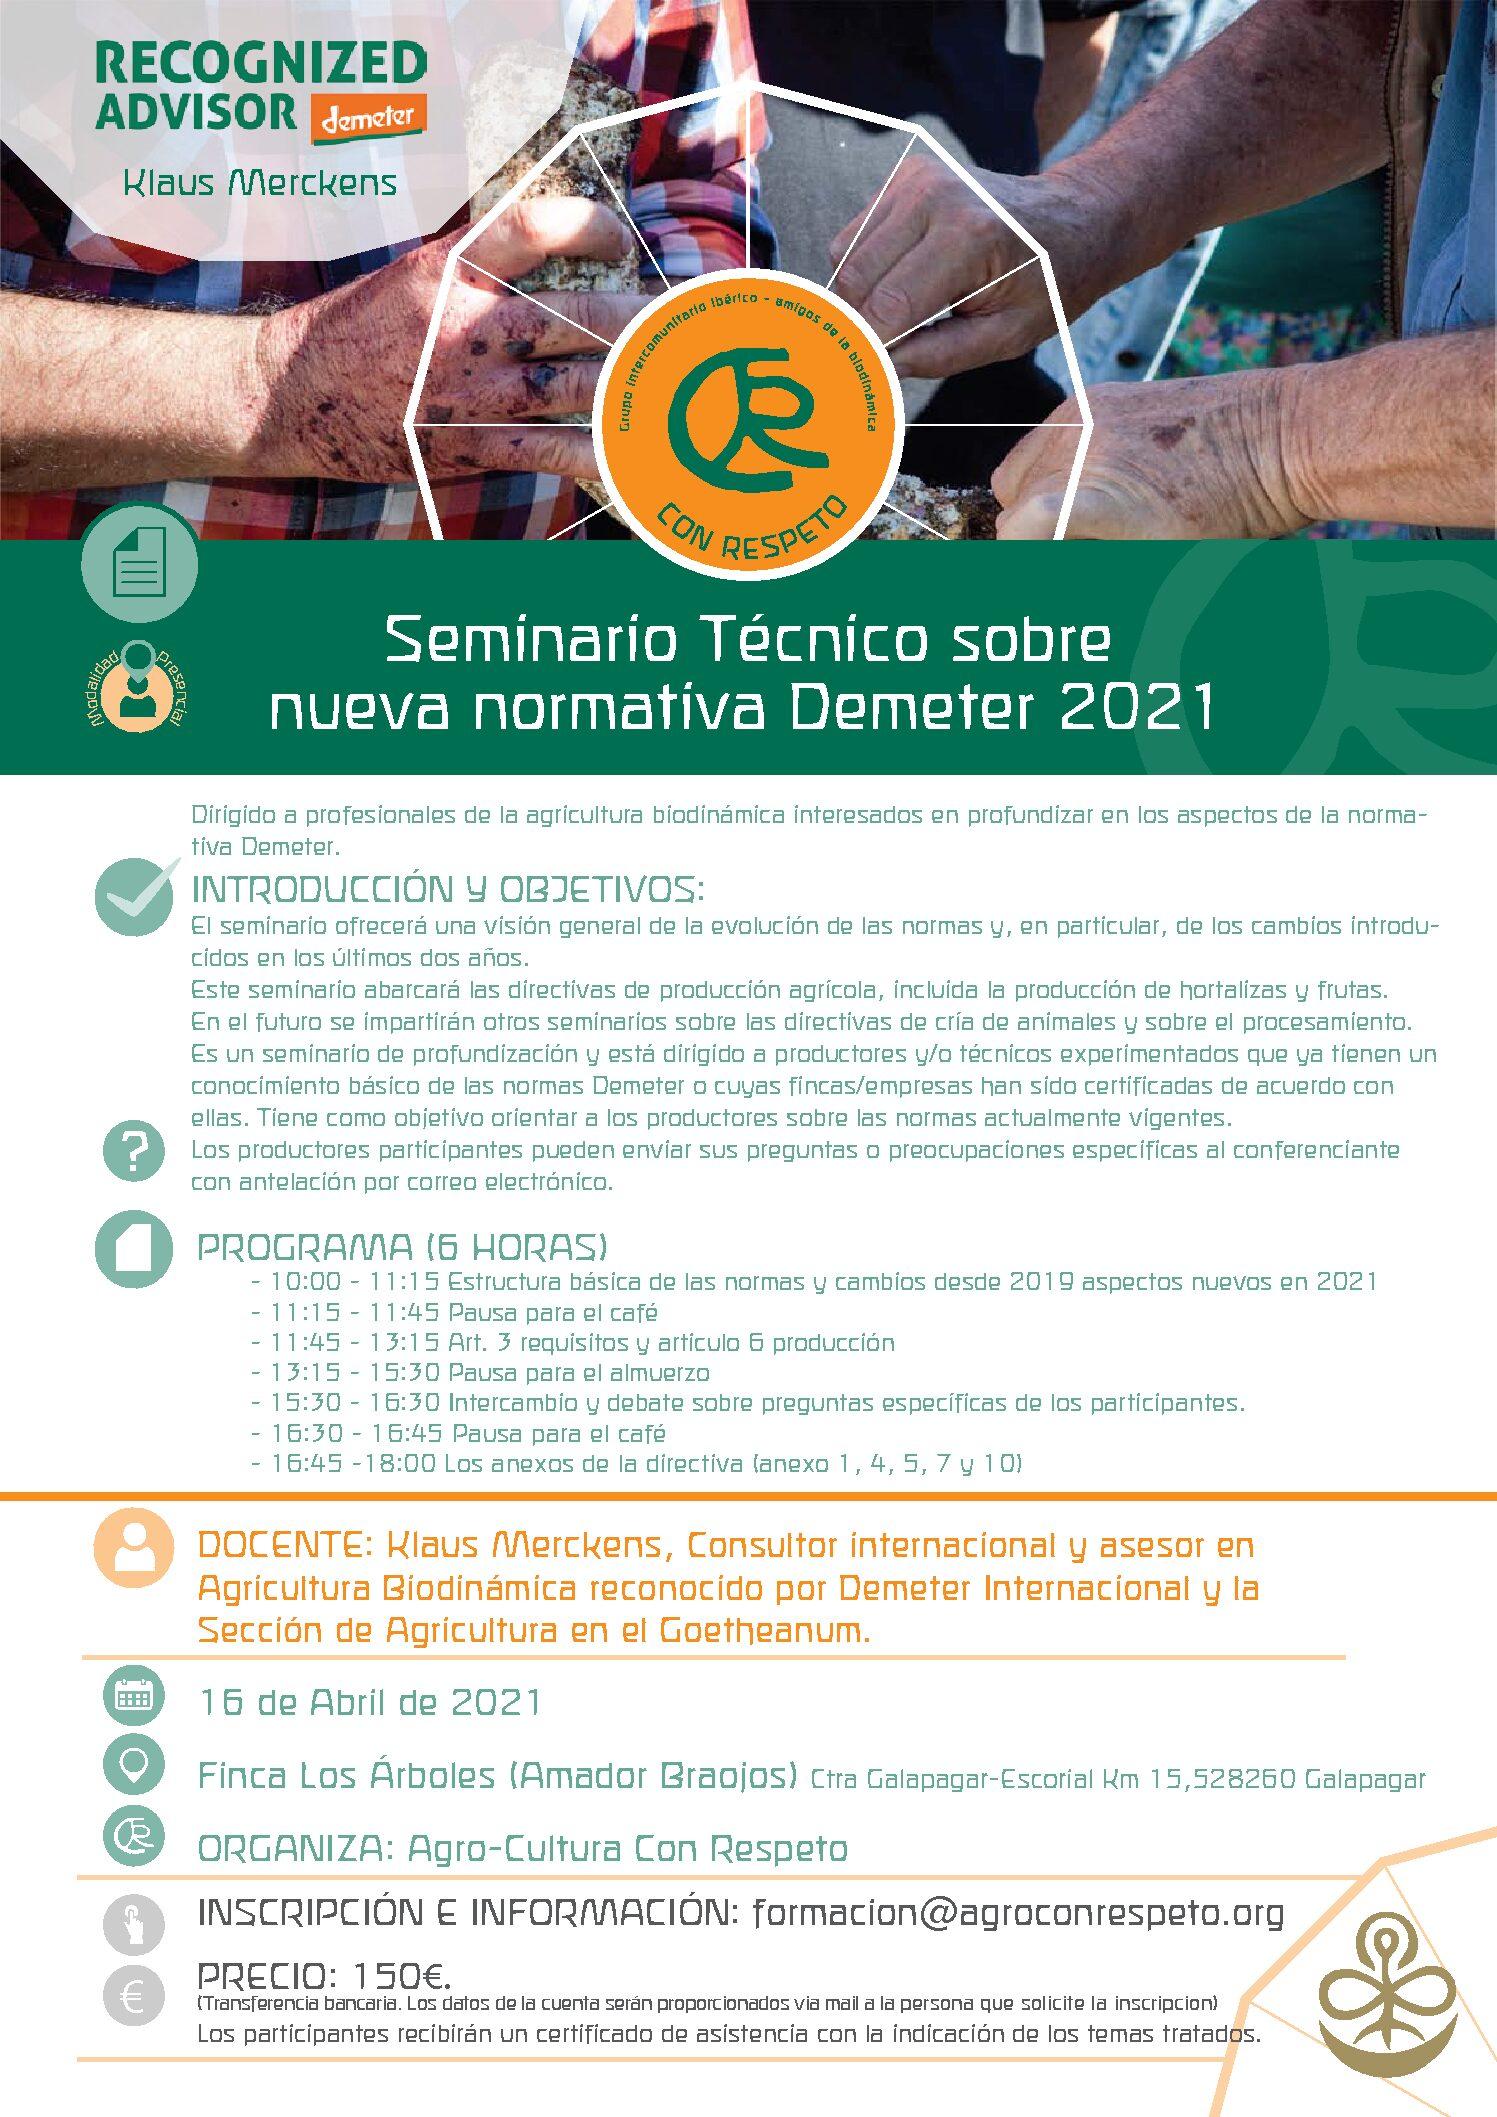 II-SEMINARIO TÉCNICO SOBRE NUEVA NORMATIVA DEMETER 2021